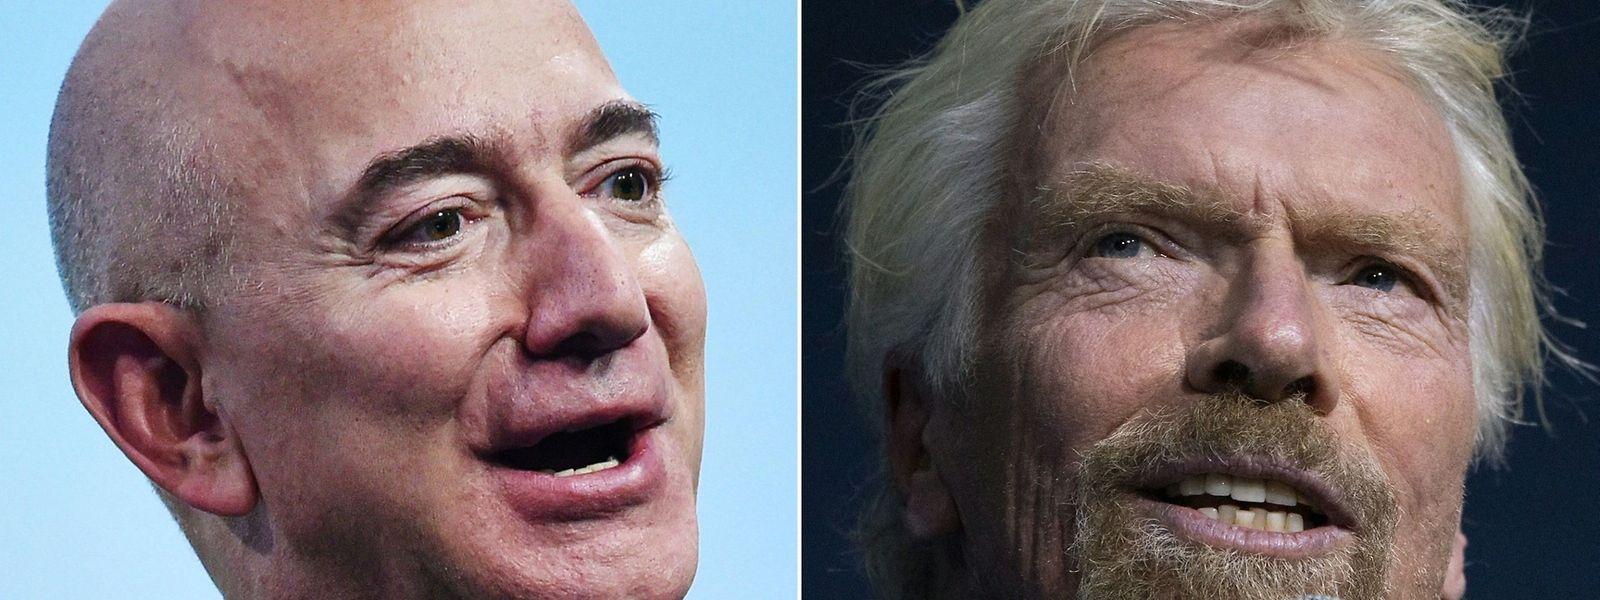 Jeff Bezos et Richard Branson n'hésiteront pas à enfiler leur tenue de spationaute pour prouver au monde que l'espace est désormais accessible à (presque) tout le monde.